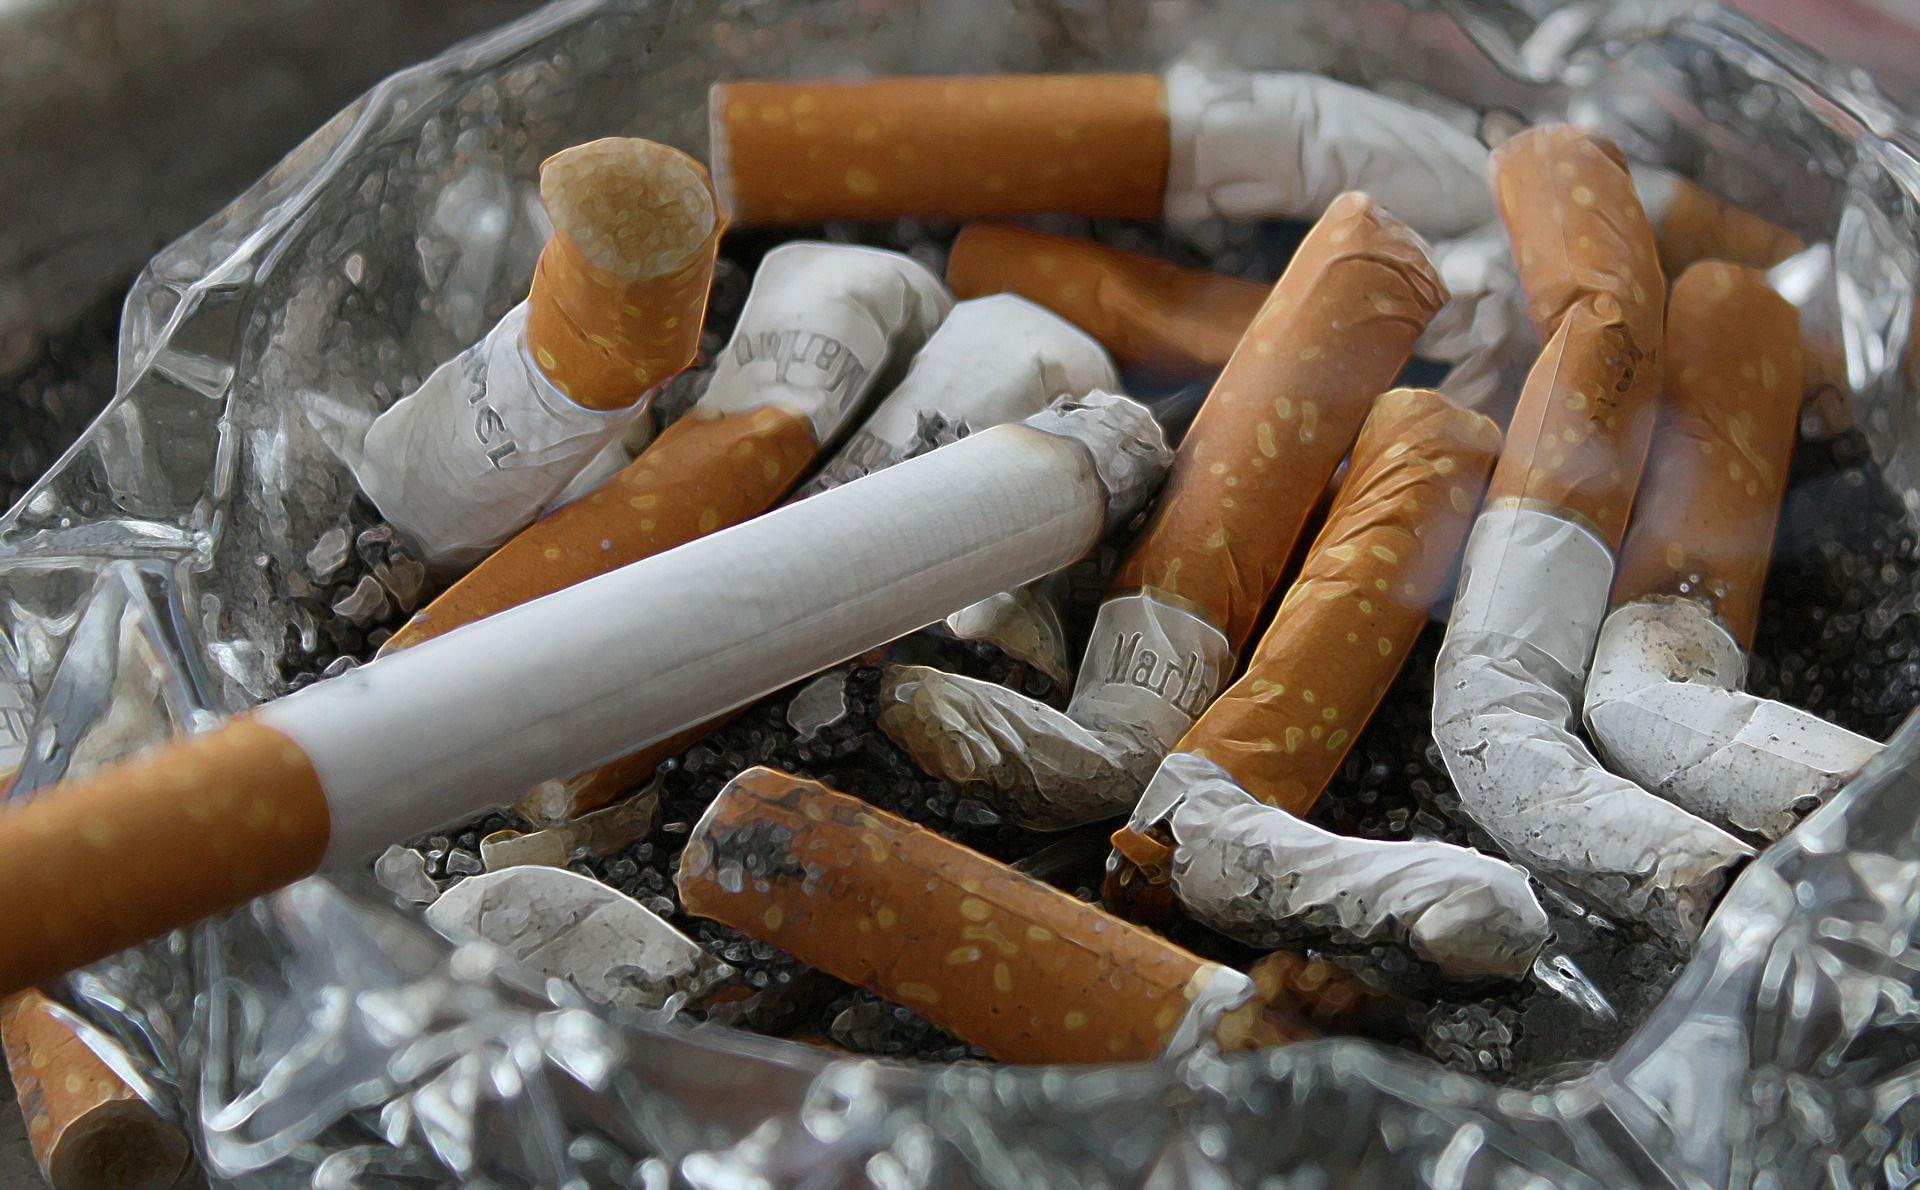 Las colillas de los cigarrillos son una fuente de contaminación